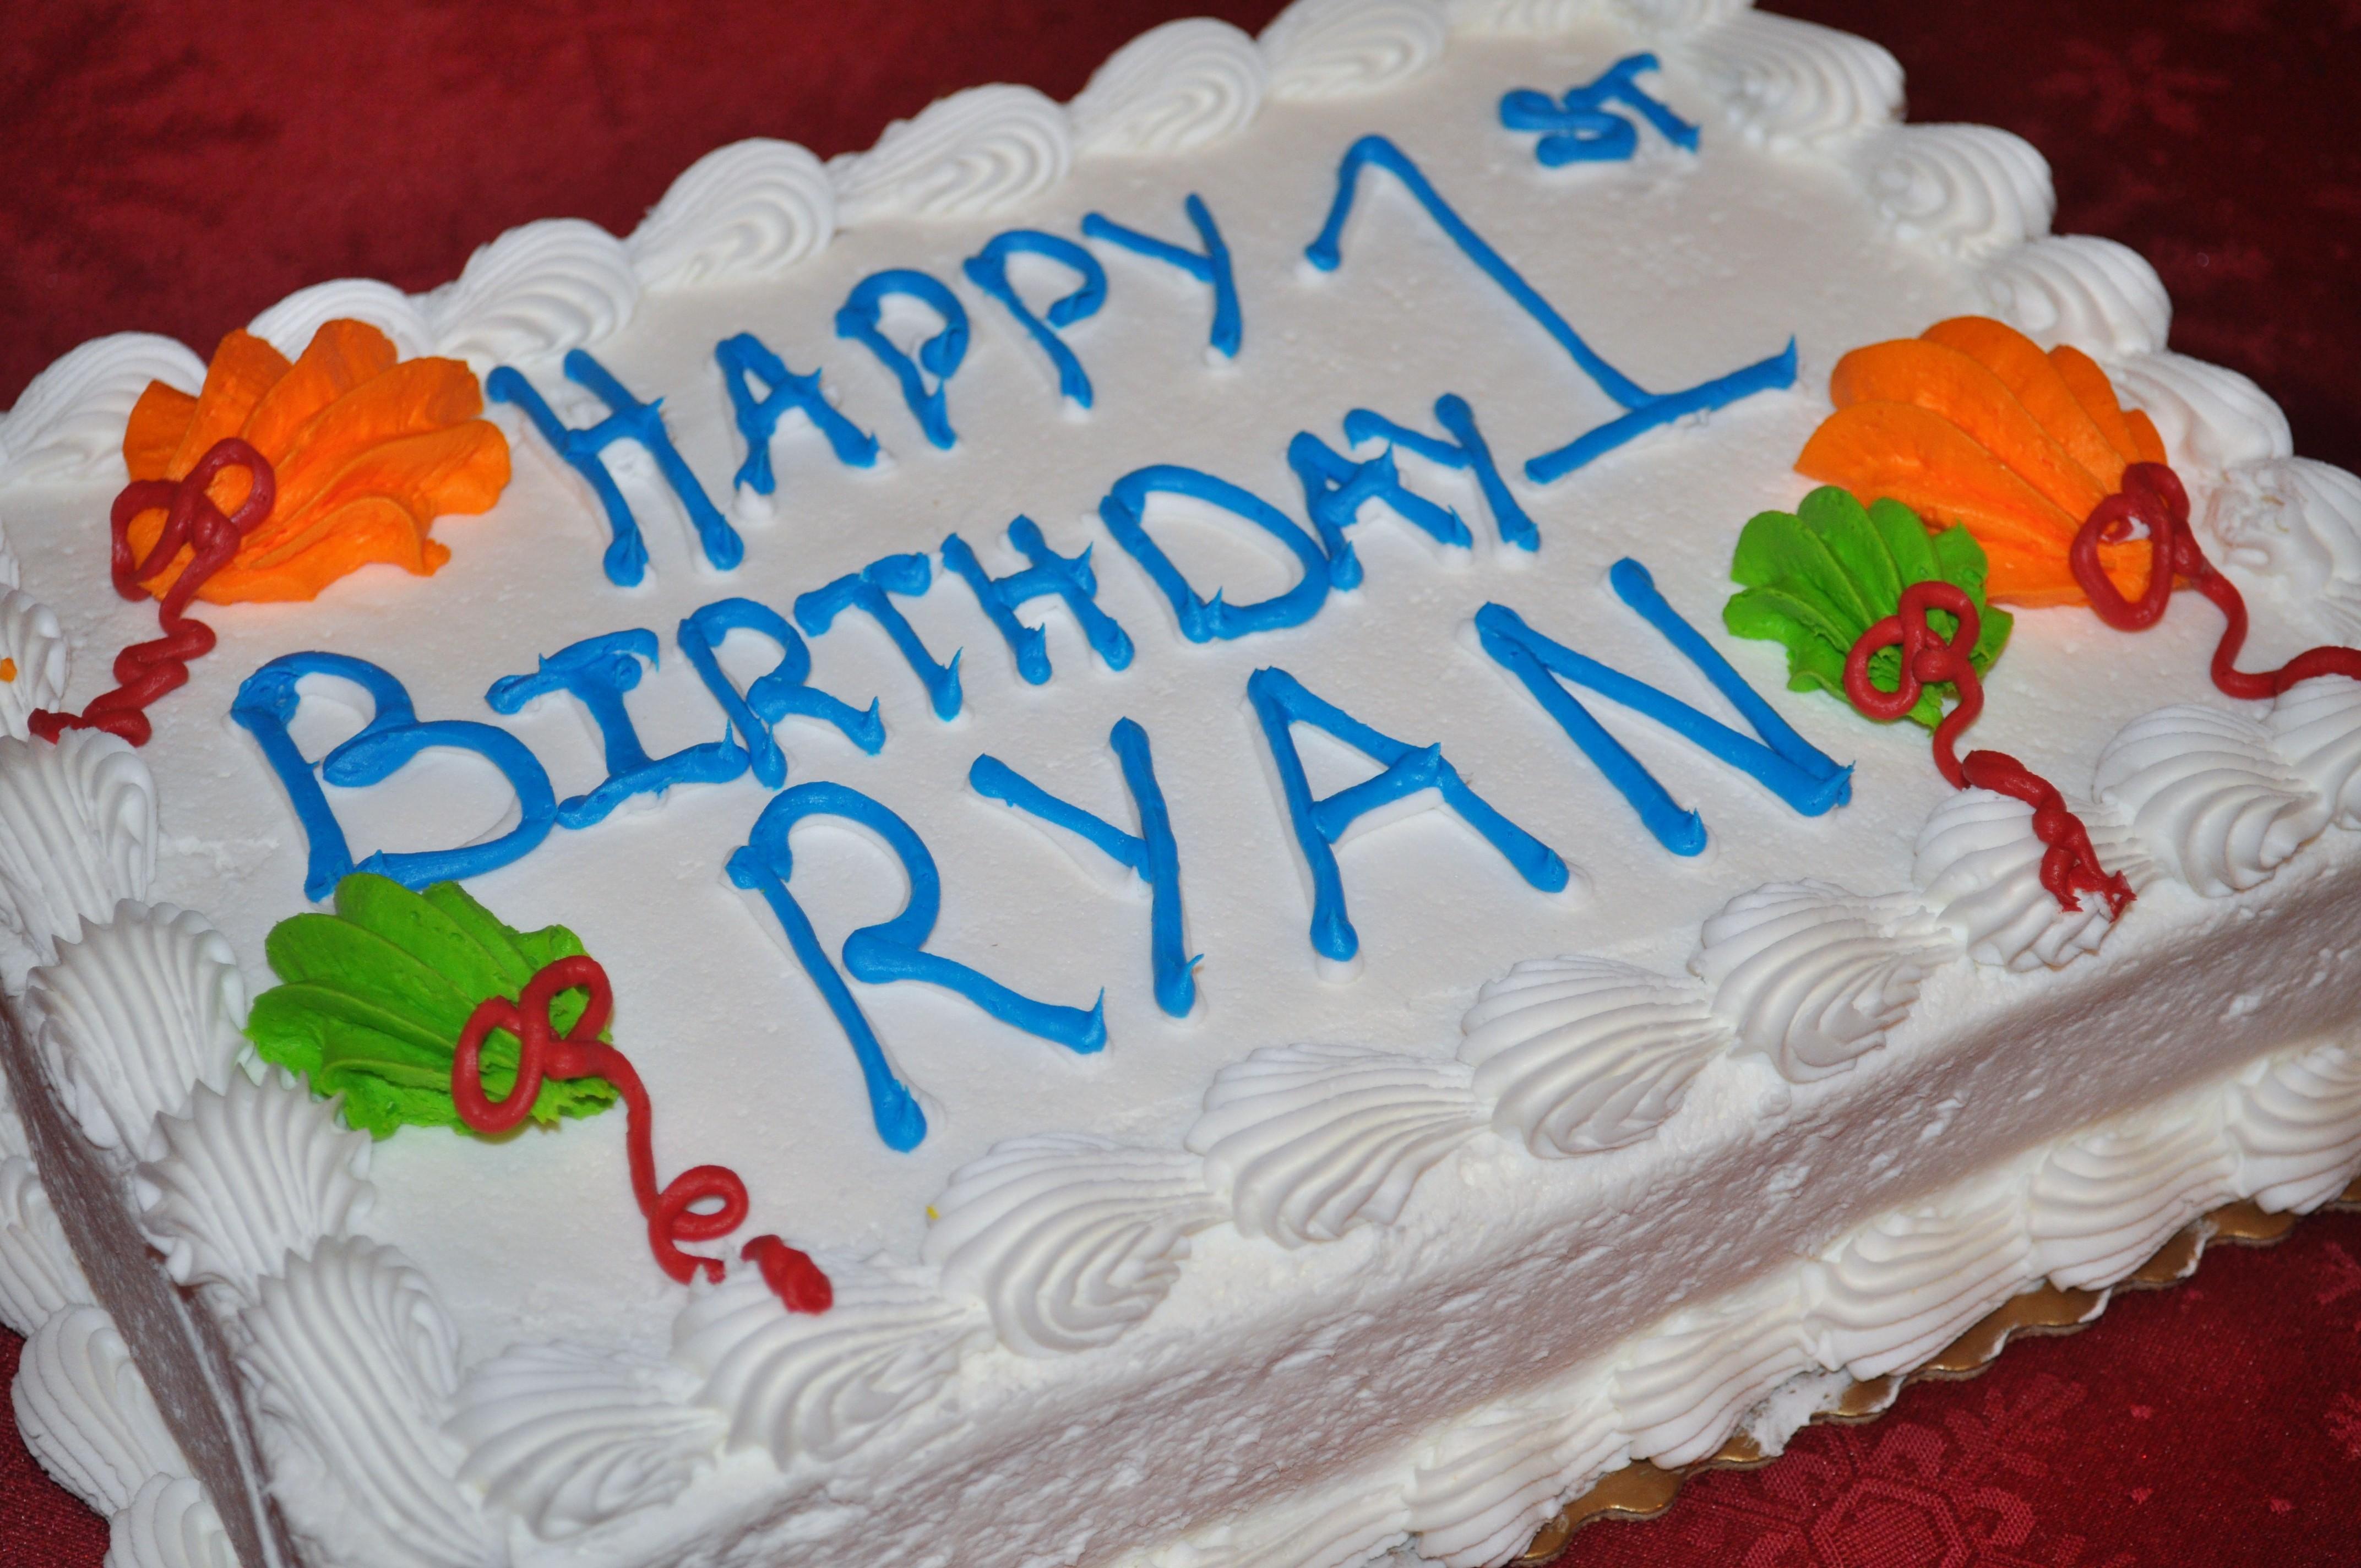 Ryans Birthday Part 2 Cake Smashing Baby Dickey Chicago Il